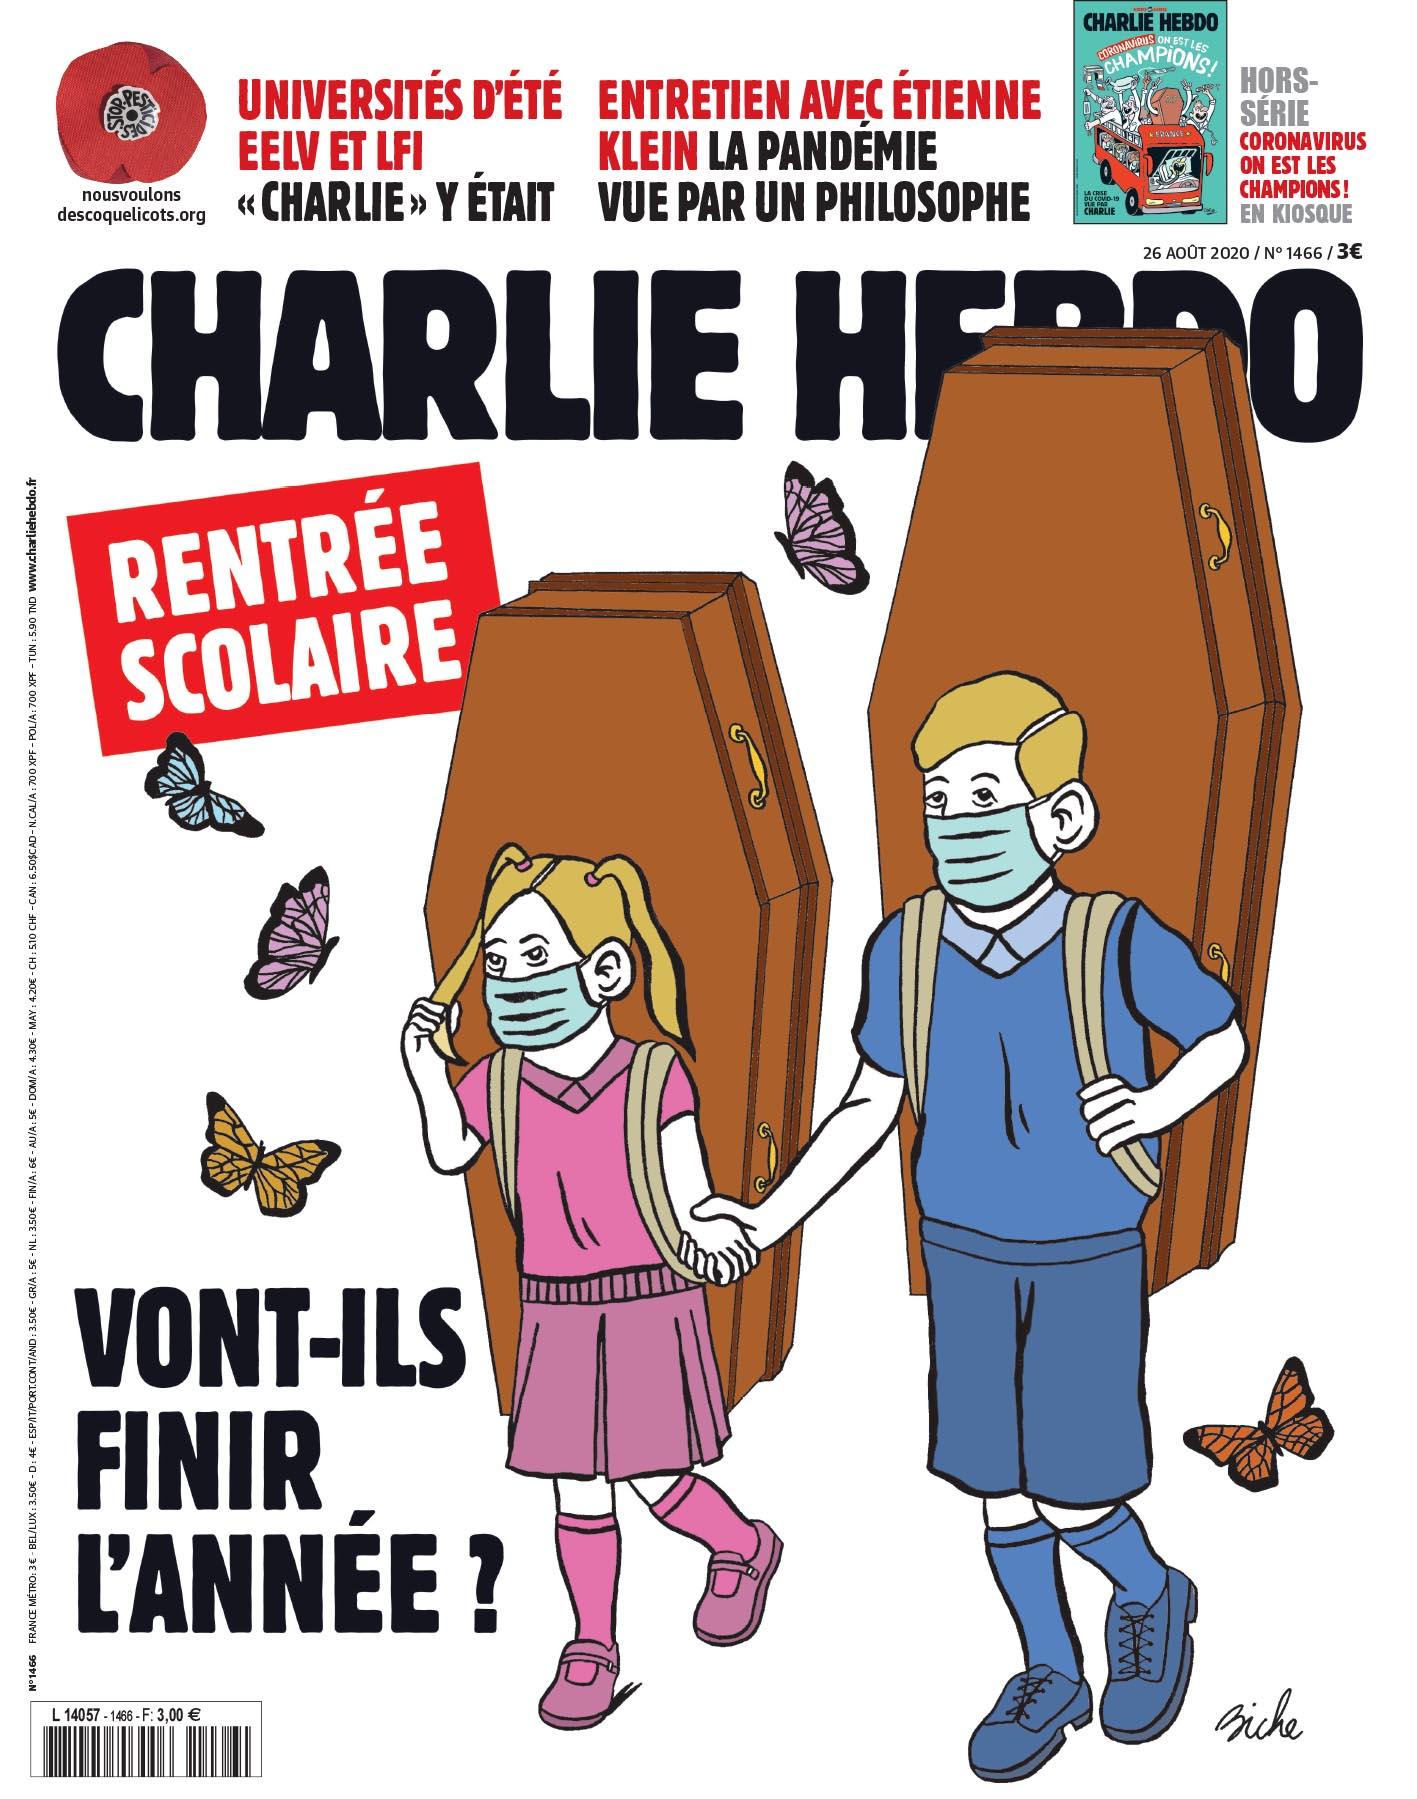 Charlie Hebdo n°1466 -- 26 août  2020 --- BICHE --- Rentrée scolaire - Vont-ils finir l'année ?